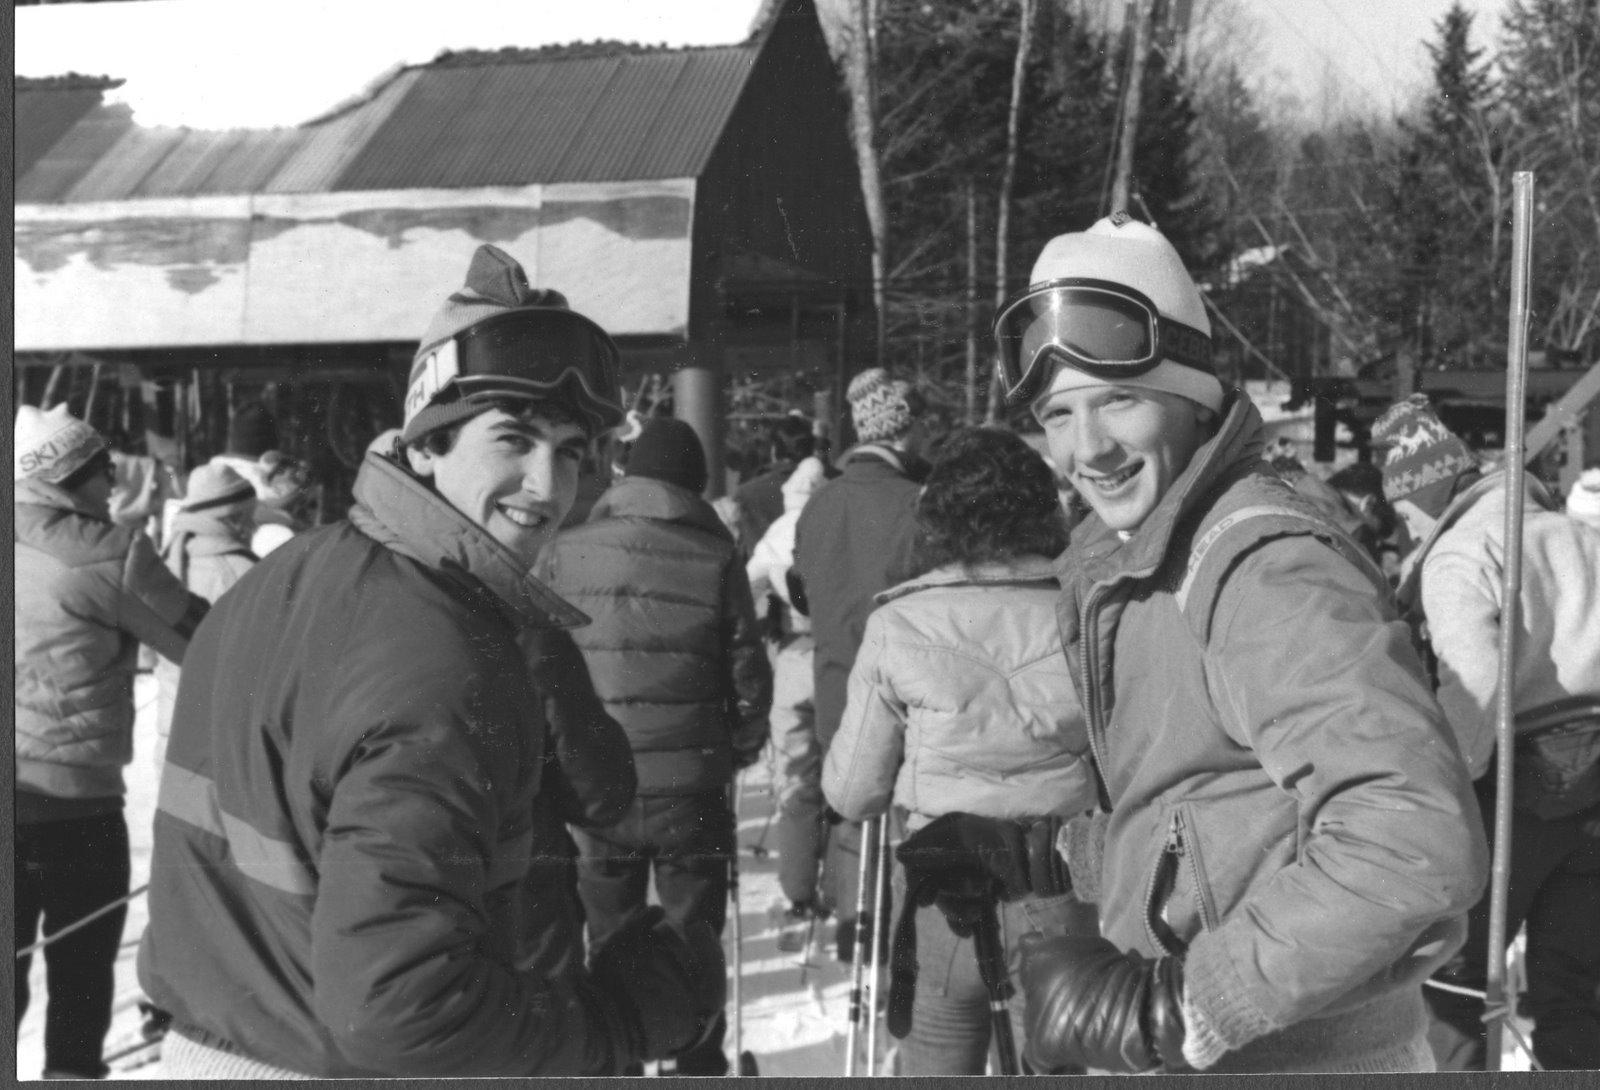 1980s SKI CAMP